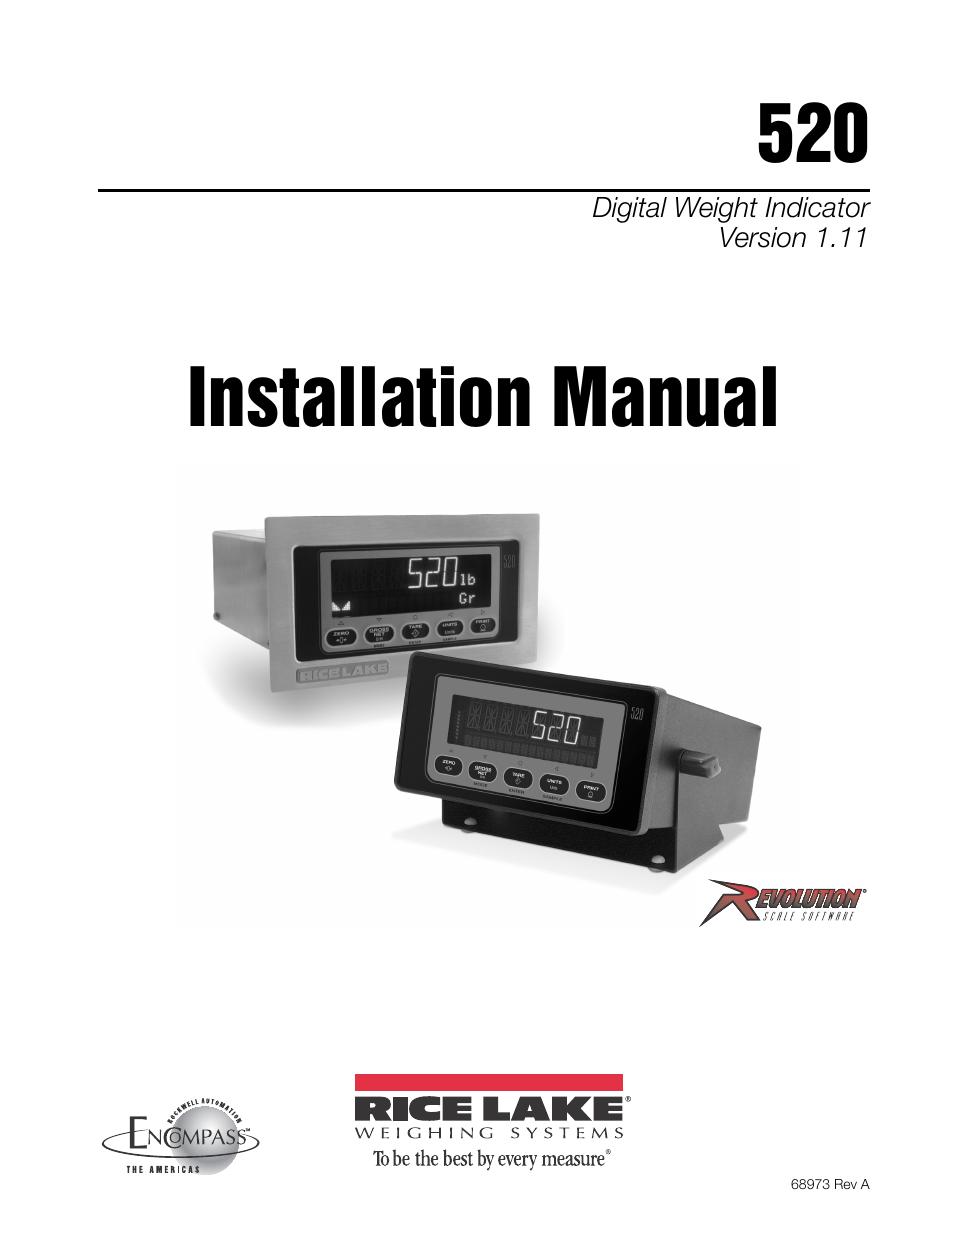 rice lake 520 hmi digital weight indicator installation manual page1 rice lake 520 hmi digital weight indicator installation manual  at gsmx.co